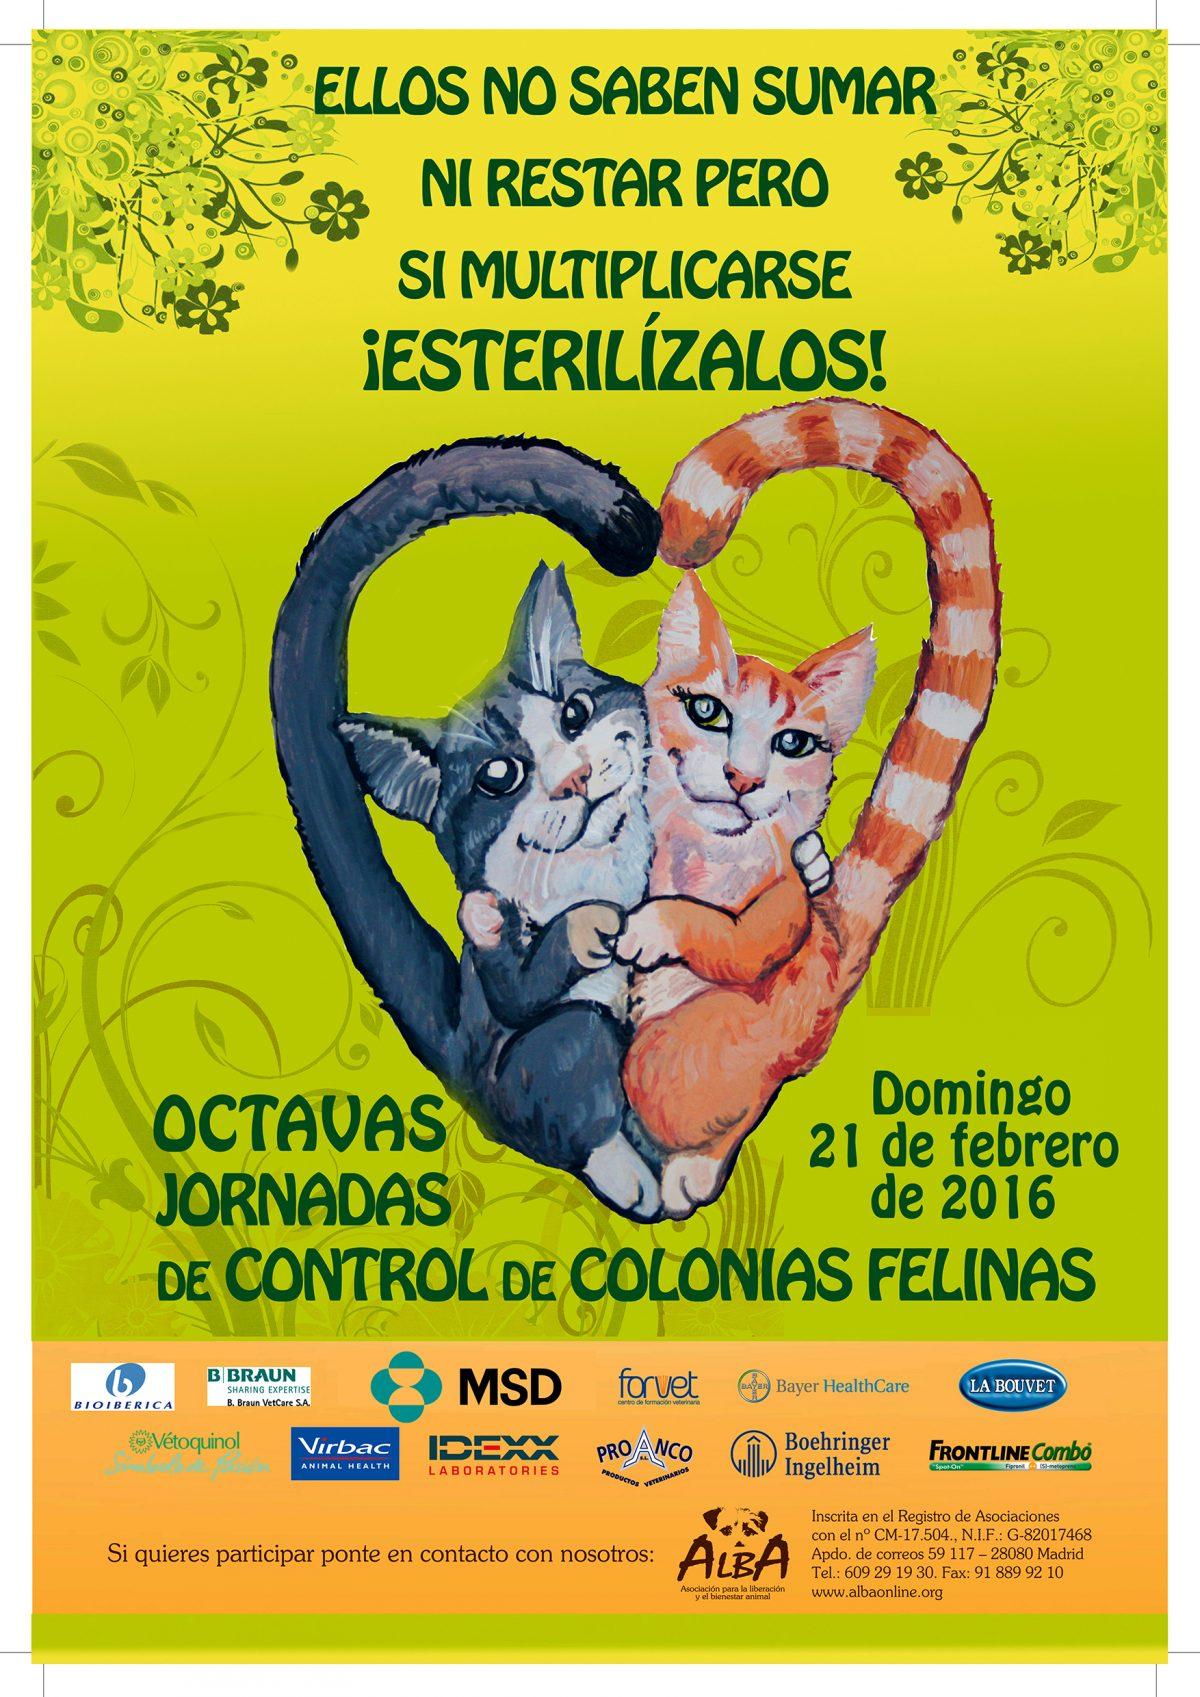 VIII Jornadas de Castración felina en ALBA